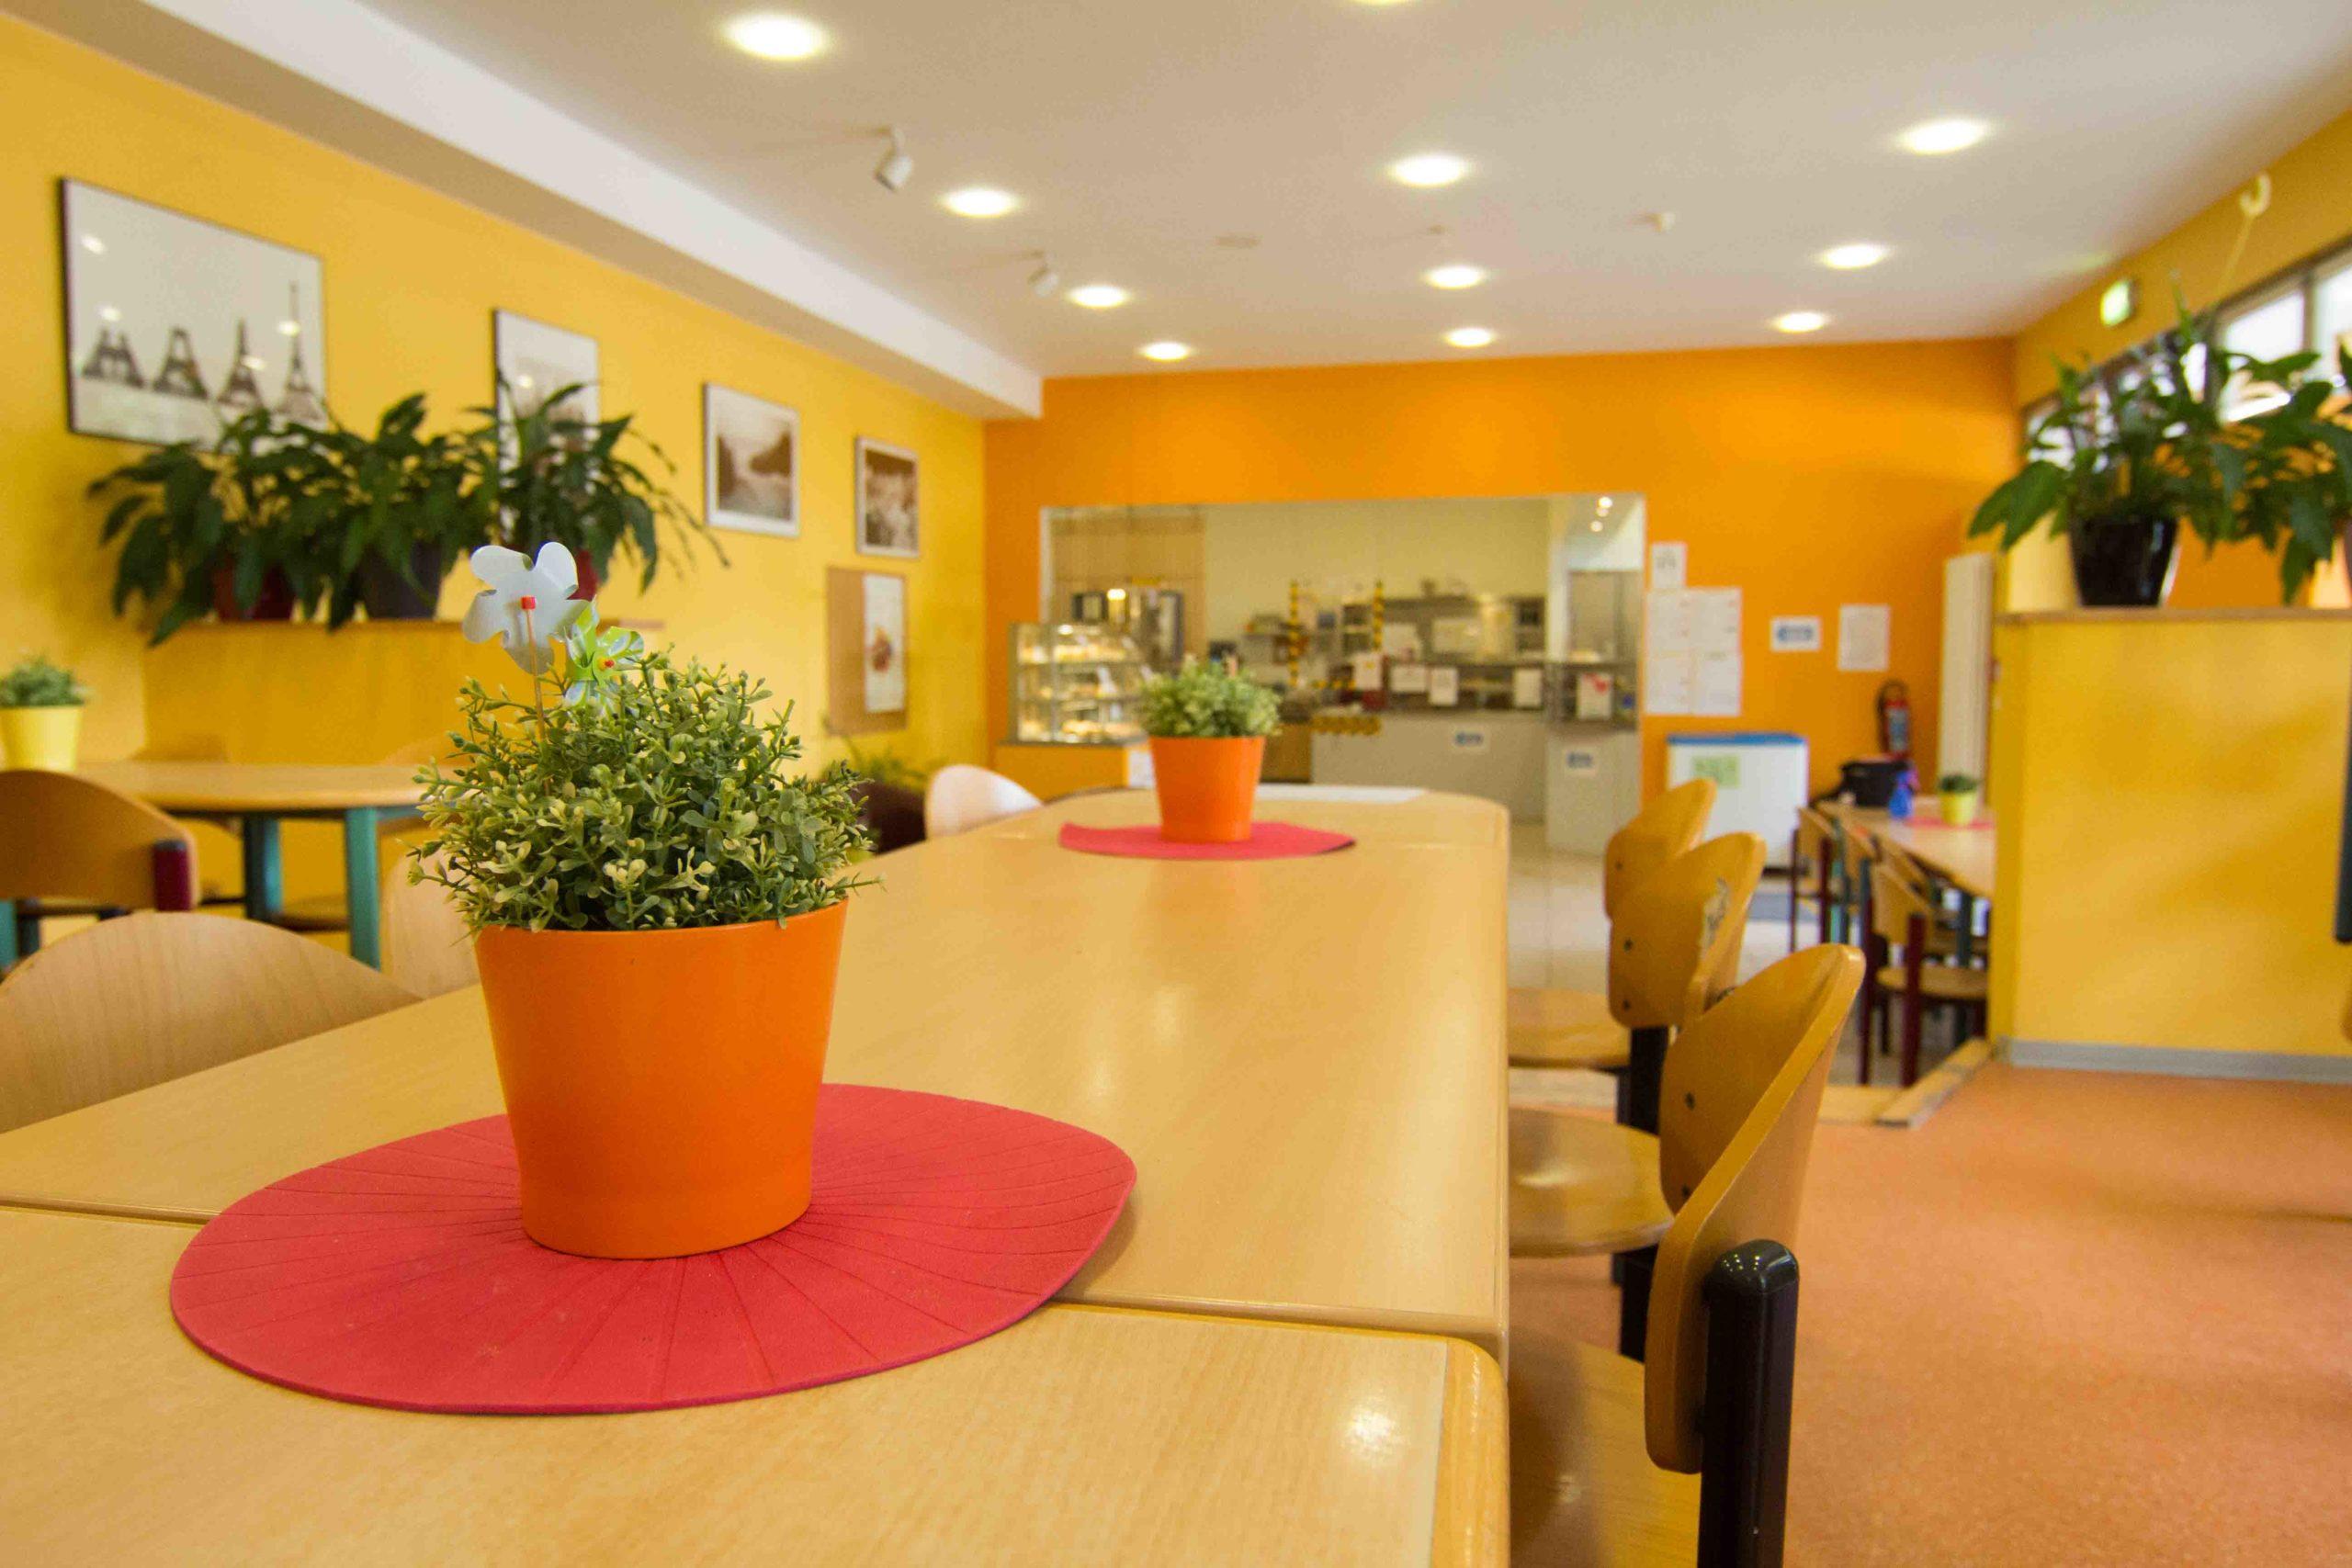 Walter-Lübcke-Schule – Cafeteria